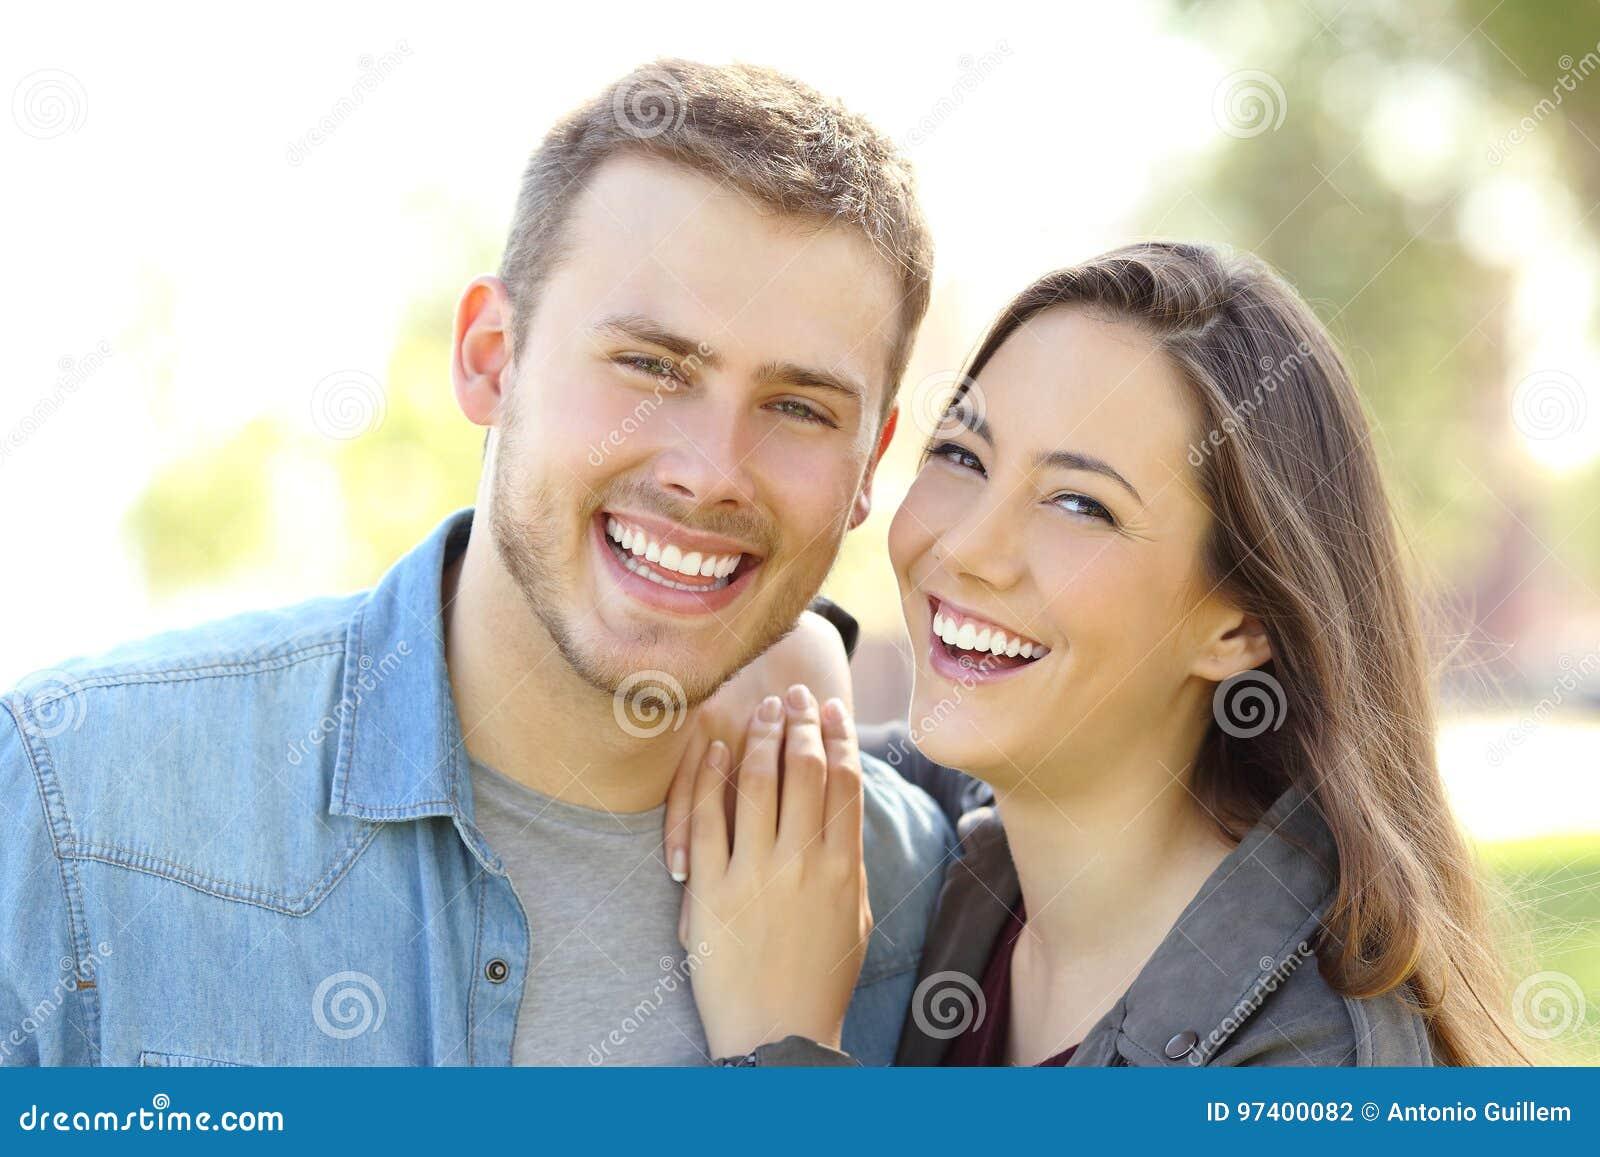 Couplez la pose avec le sourire parfait et les dents blanches